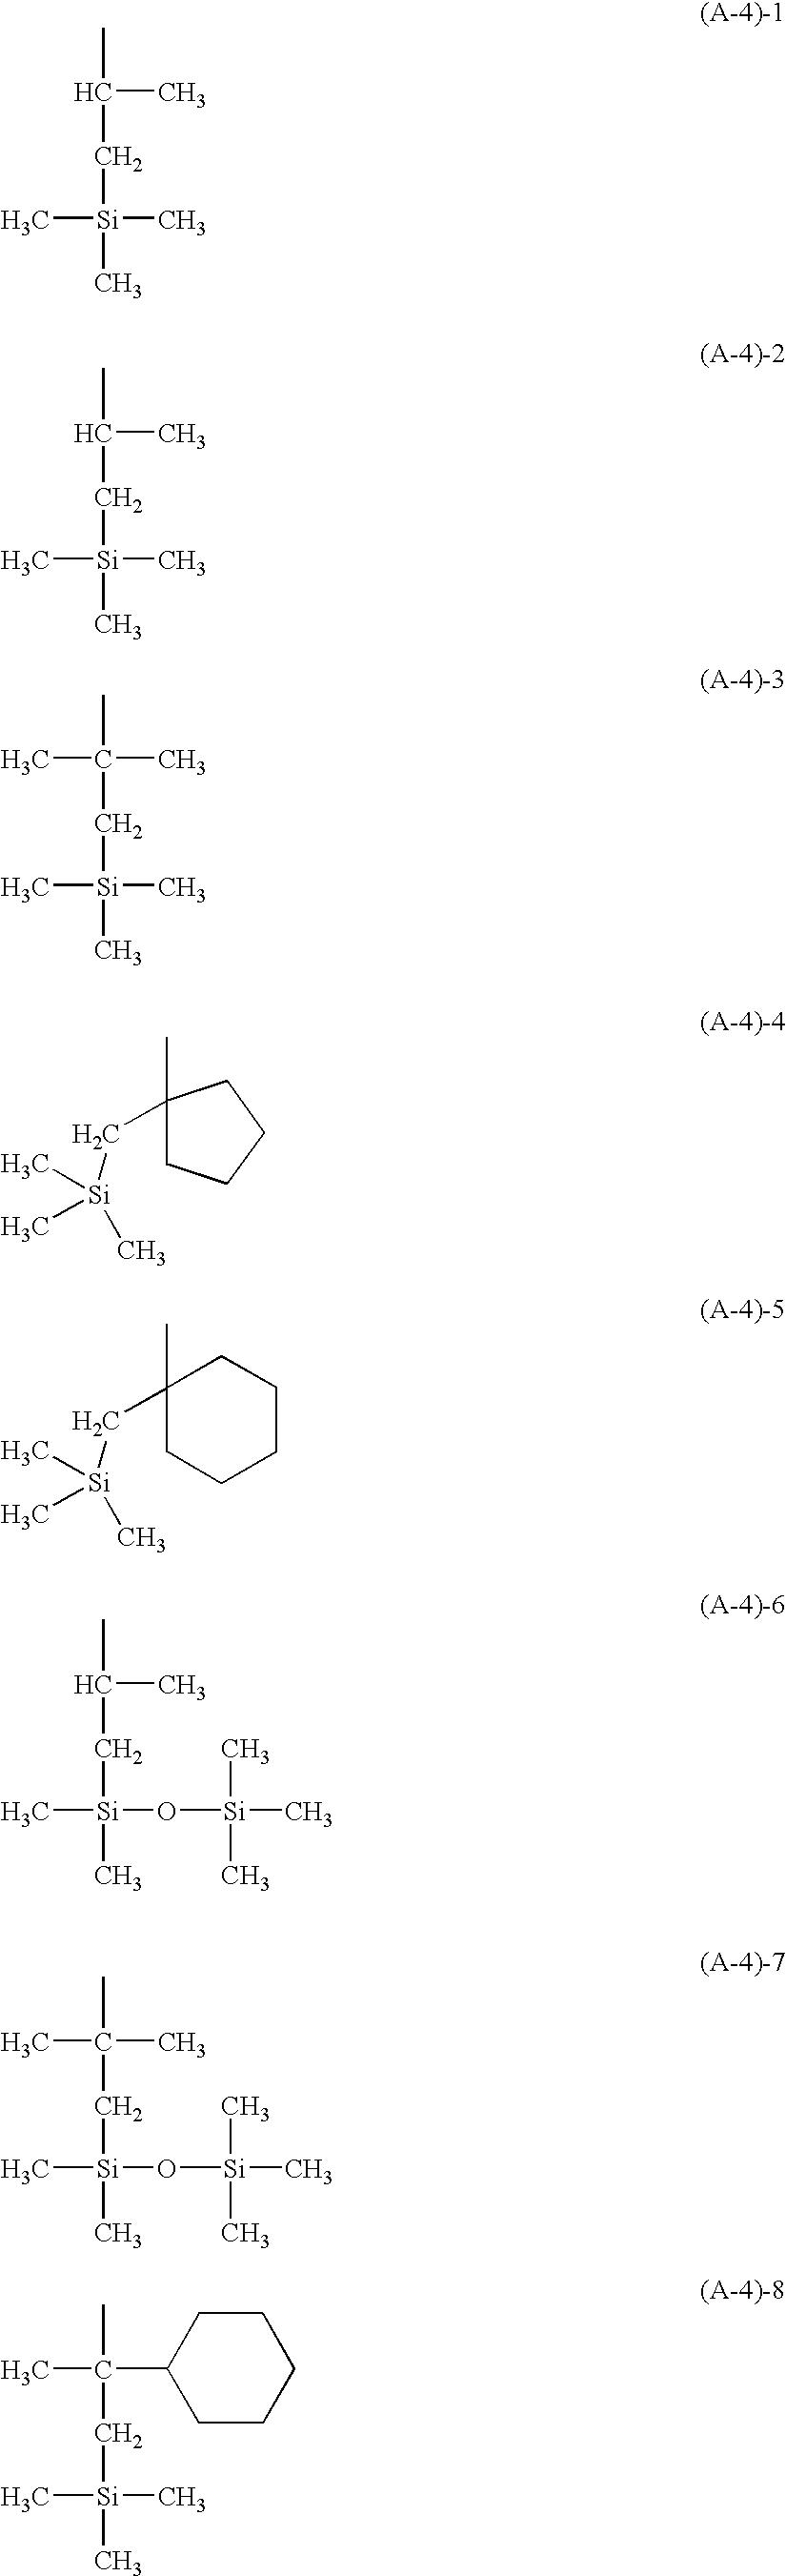 Figure US20040241579A1-20041202-C00025